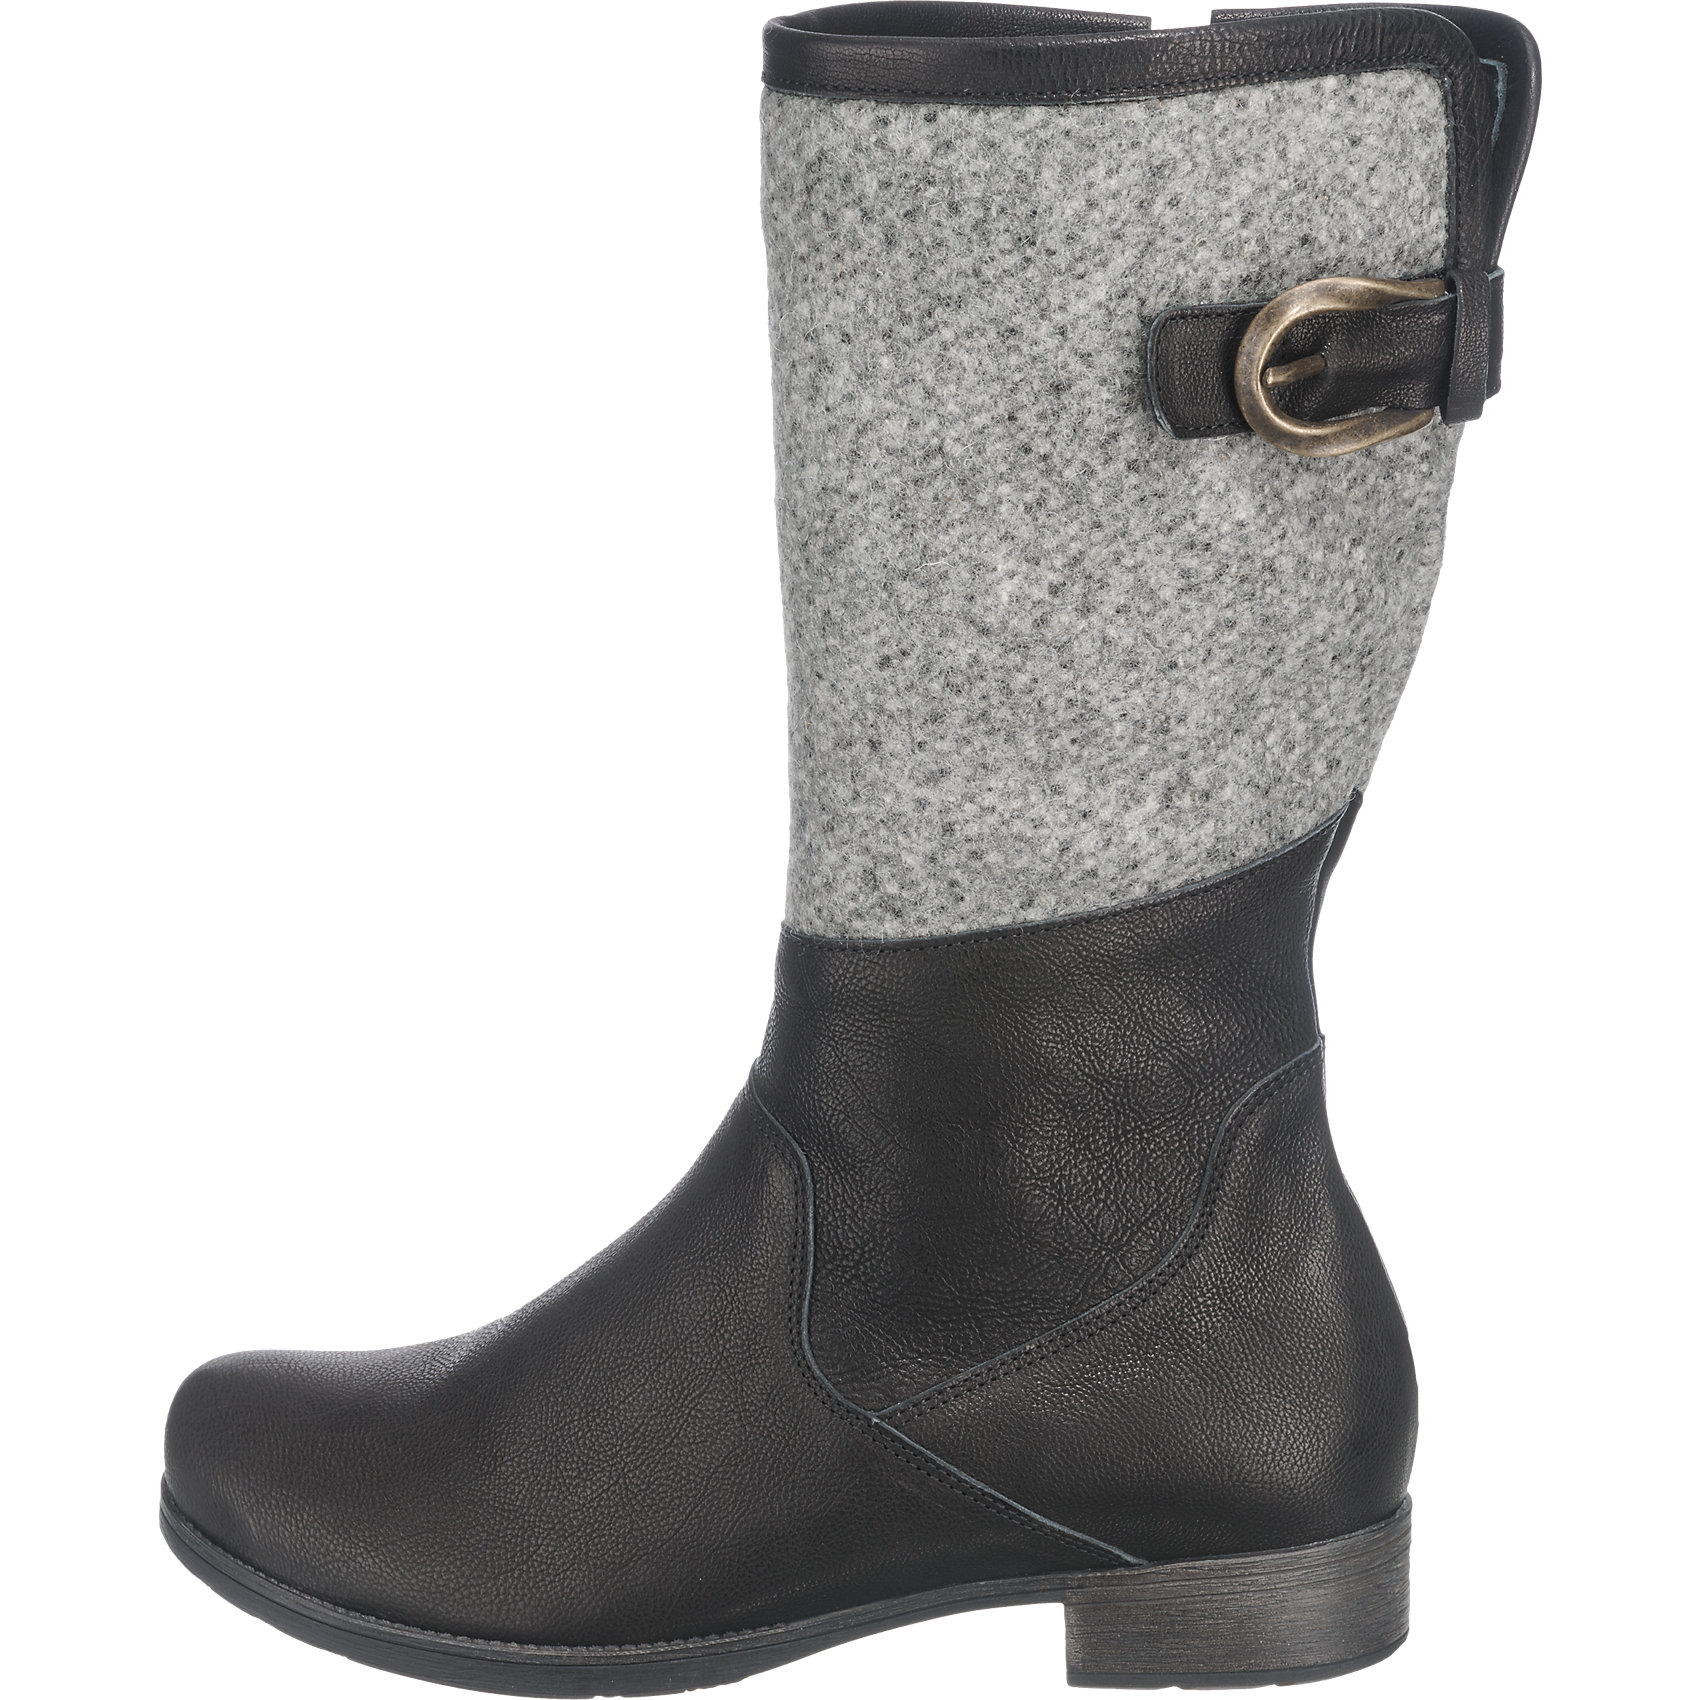 Neu Think! Stiefel 5778088 für Damen schwarz-kombi